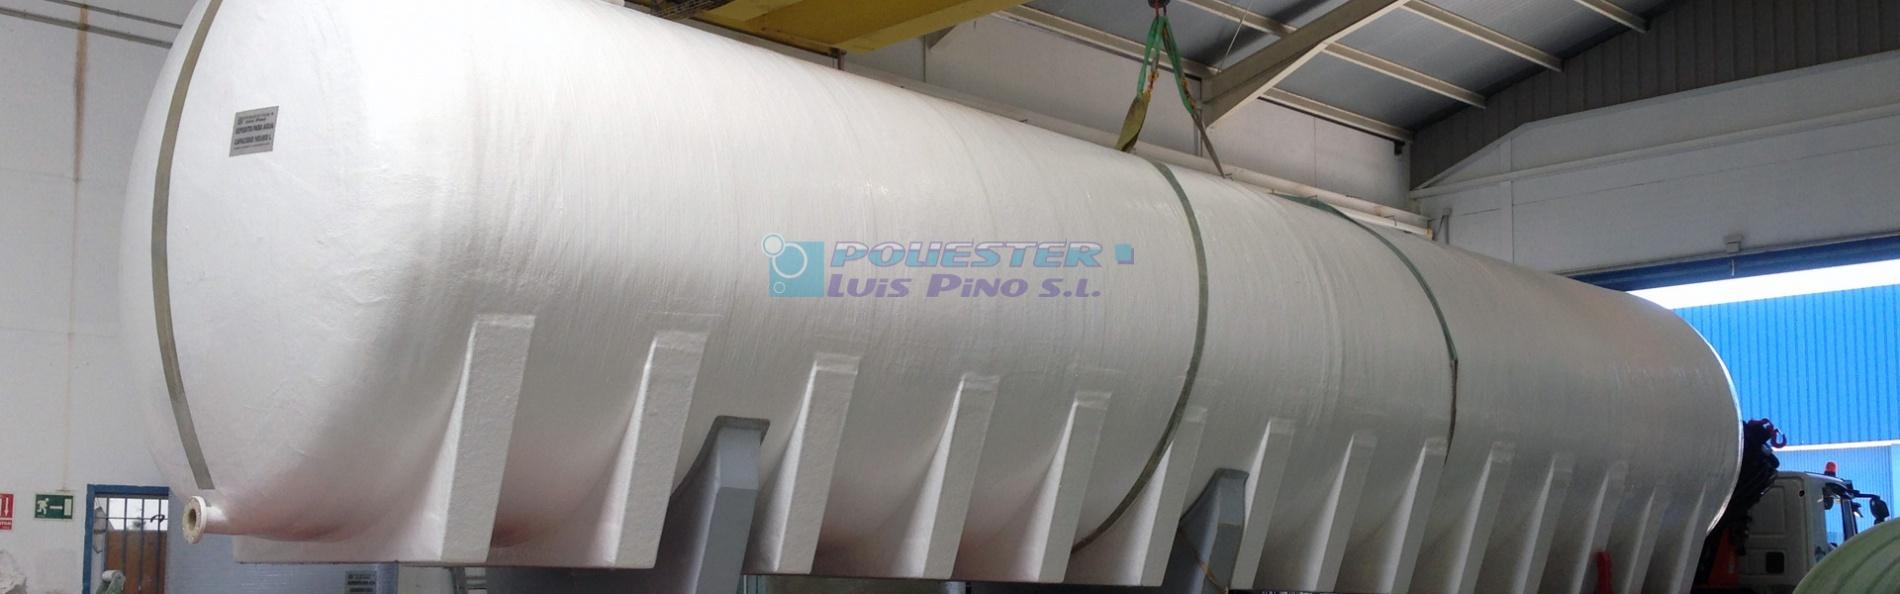 Poli ster luis pino f brica de dep sitos y piscinas for Fabricantes de piscinas de poliester